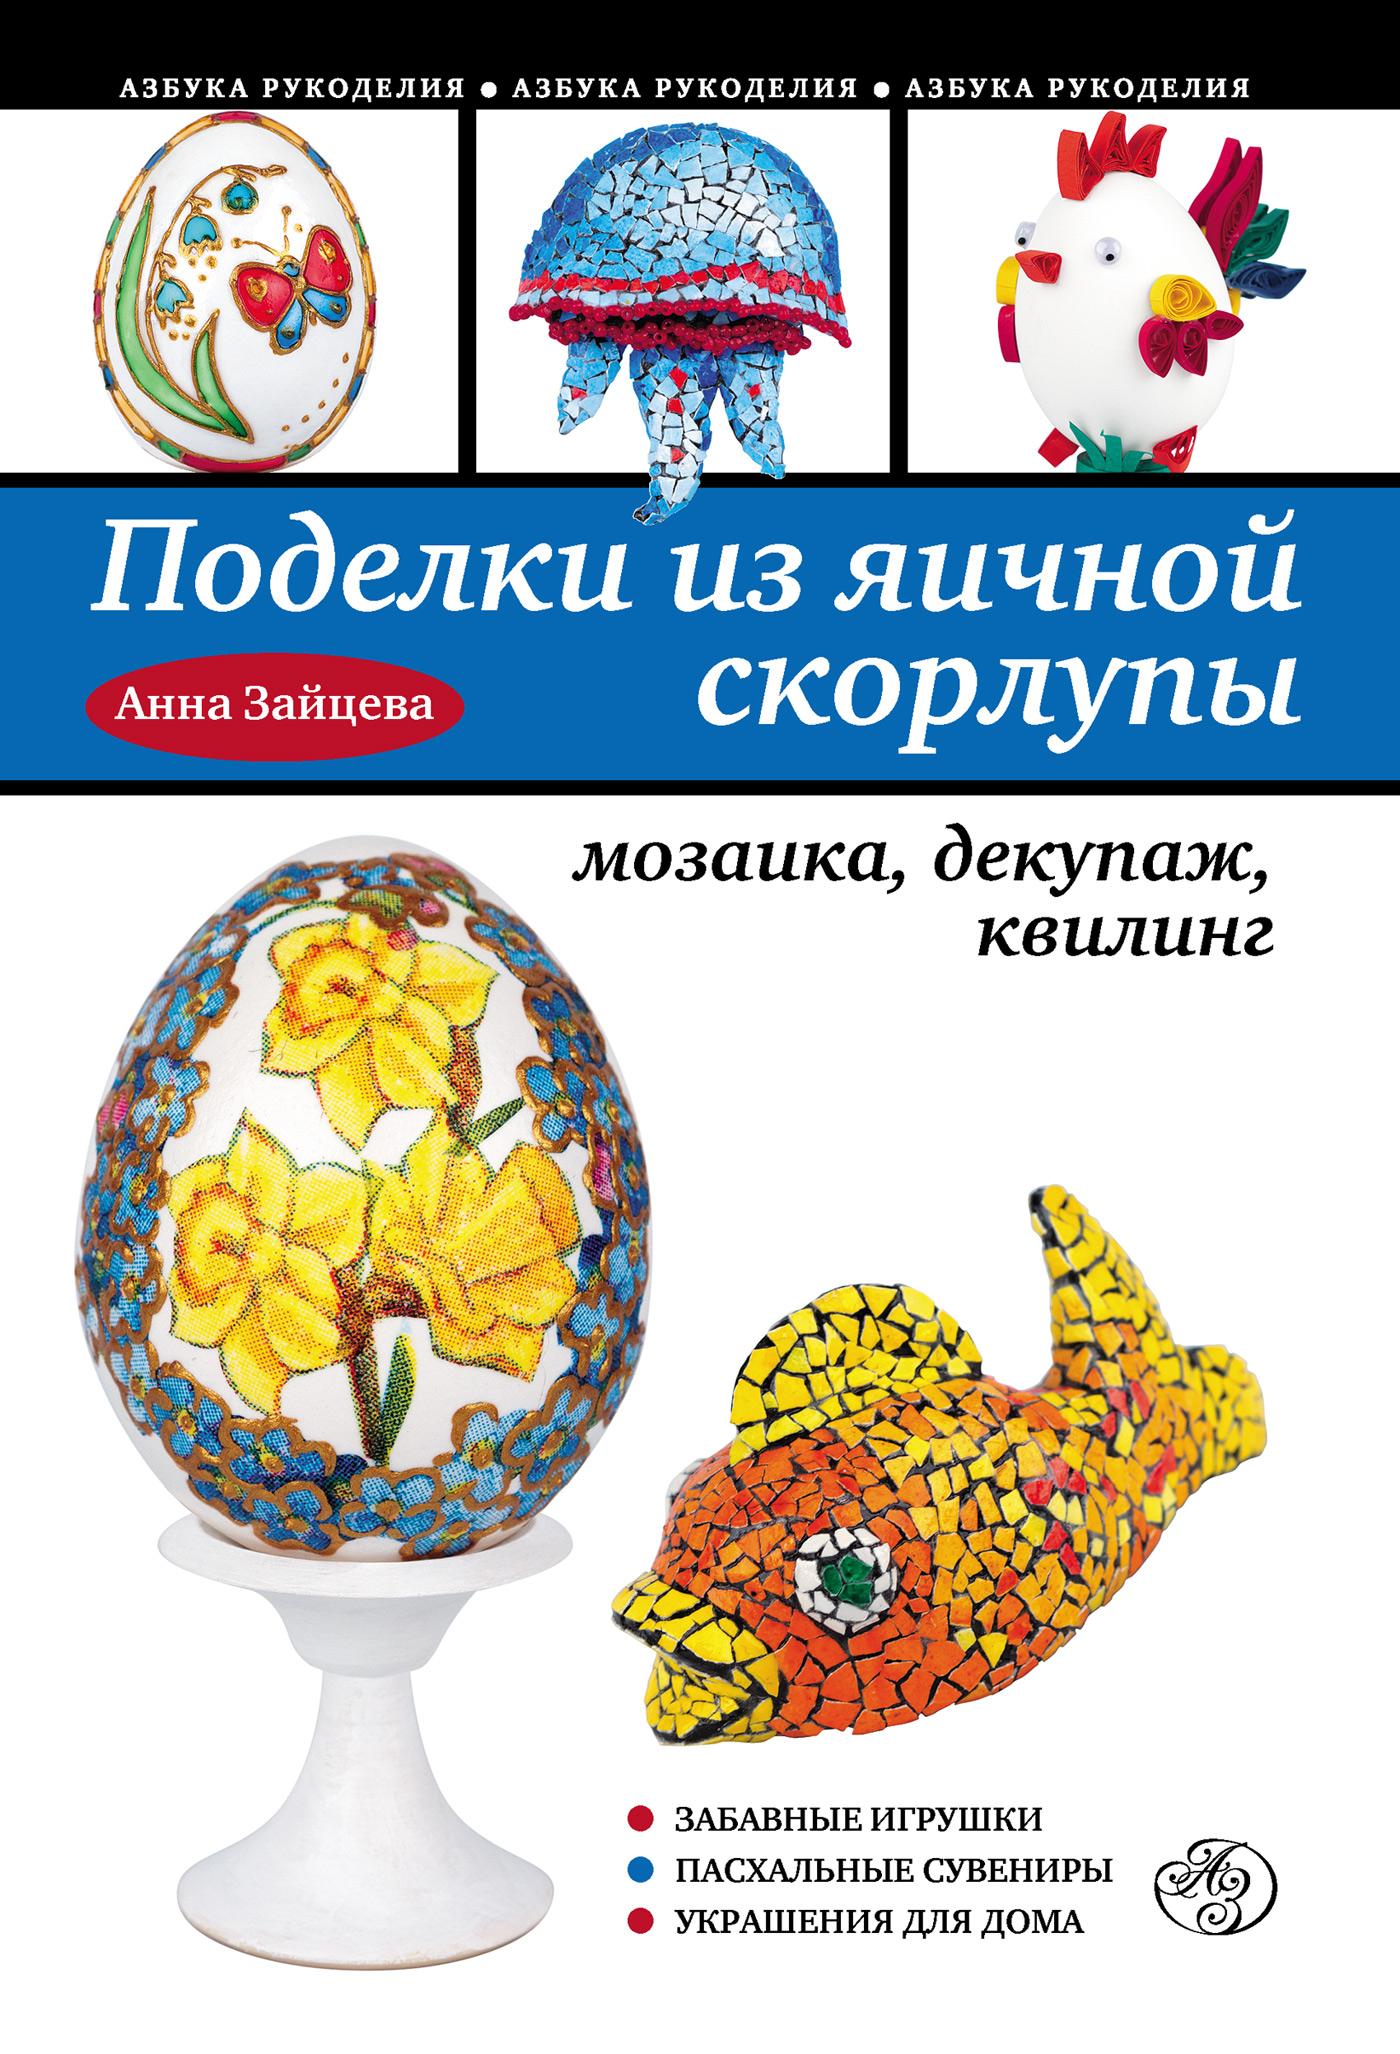 Анна Зайцева Поделки из яичной скорлупы: мозаика, декупаж, квилинг